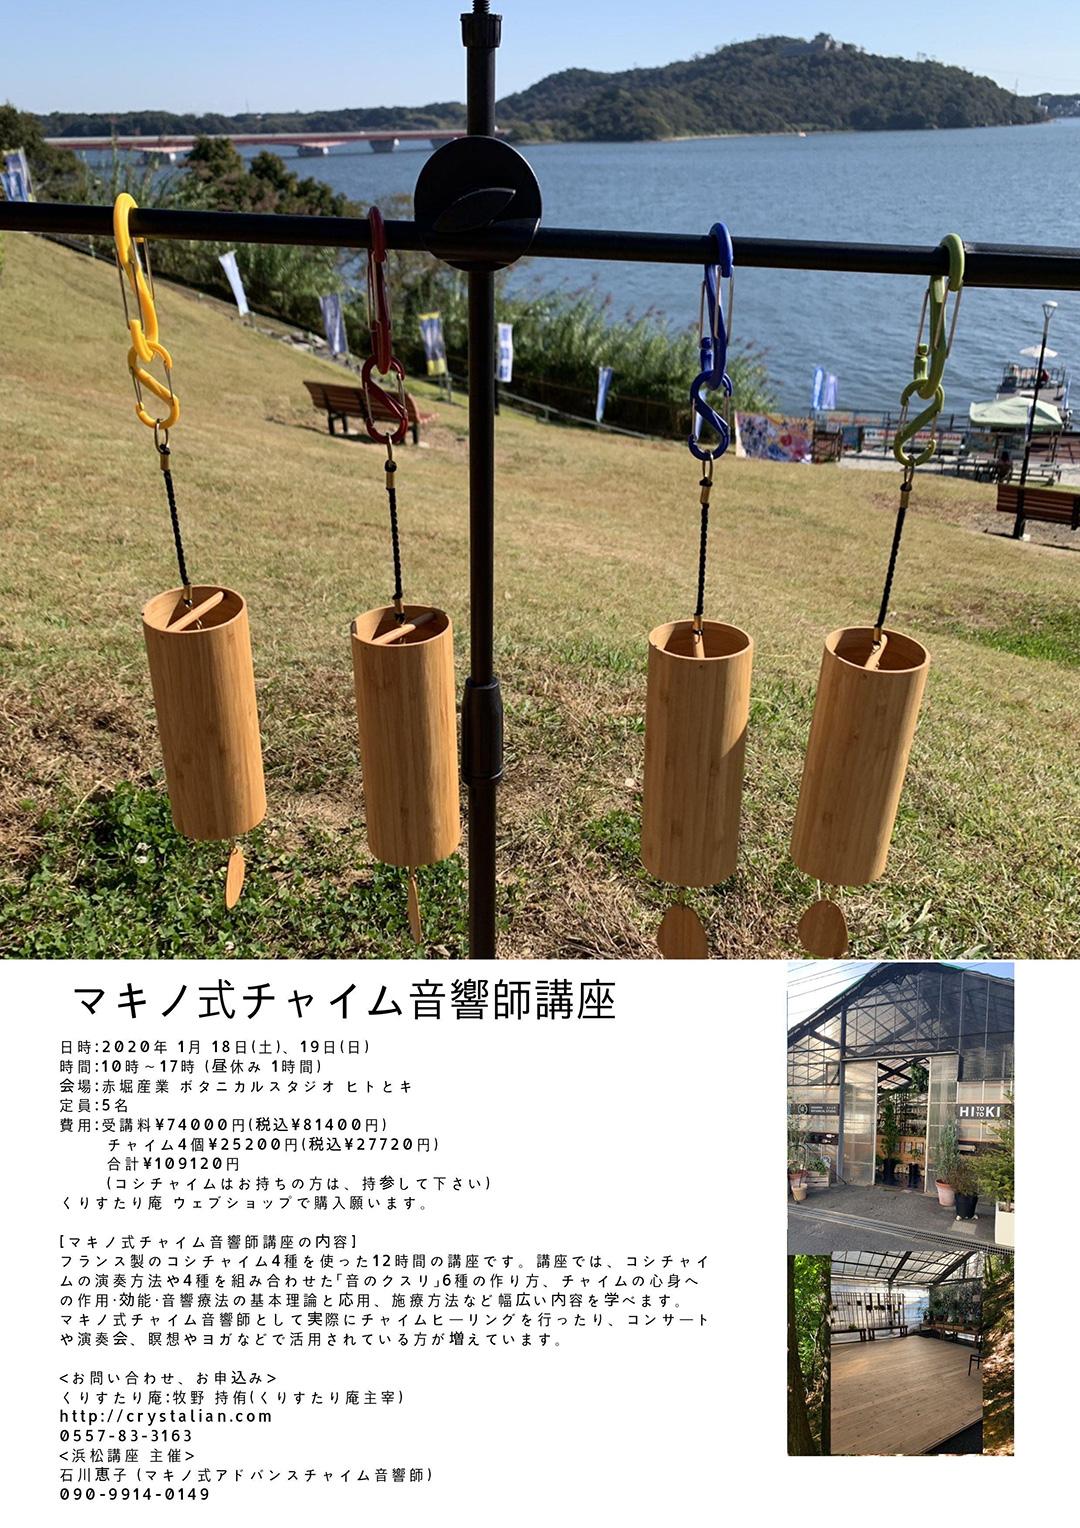 1月18~19日 癒しのチャイム講座 in 浜松(コシ・チャイム4種セット付き)